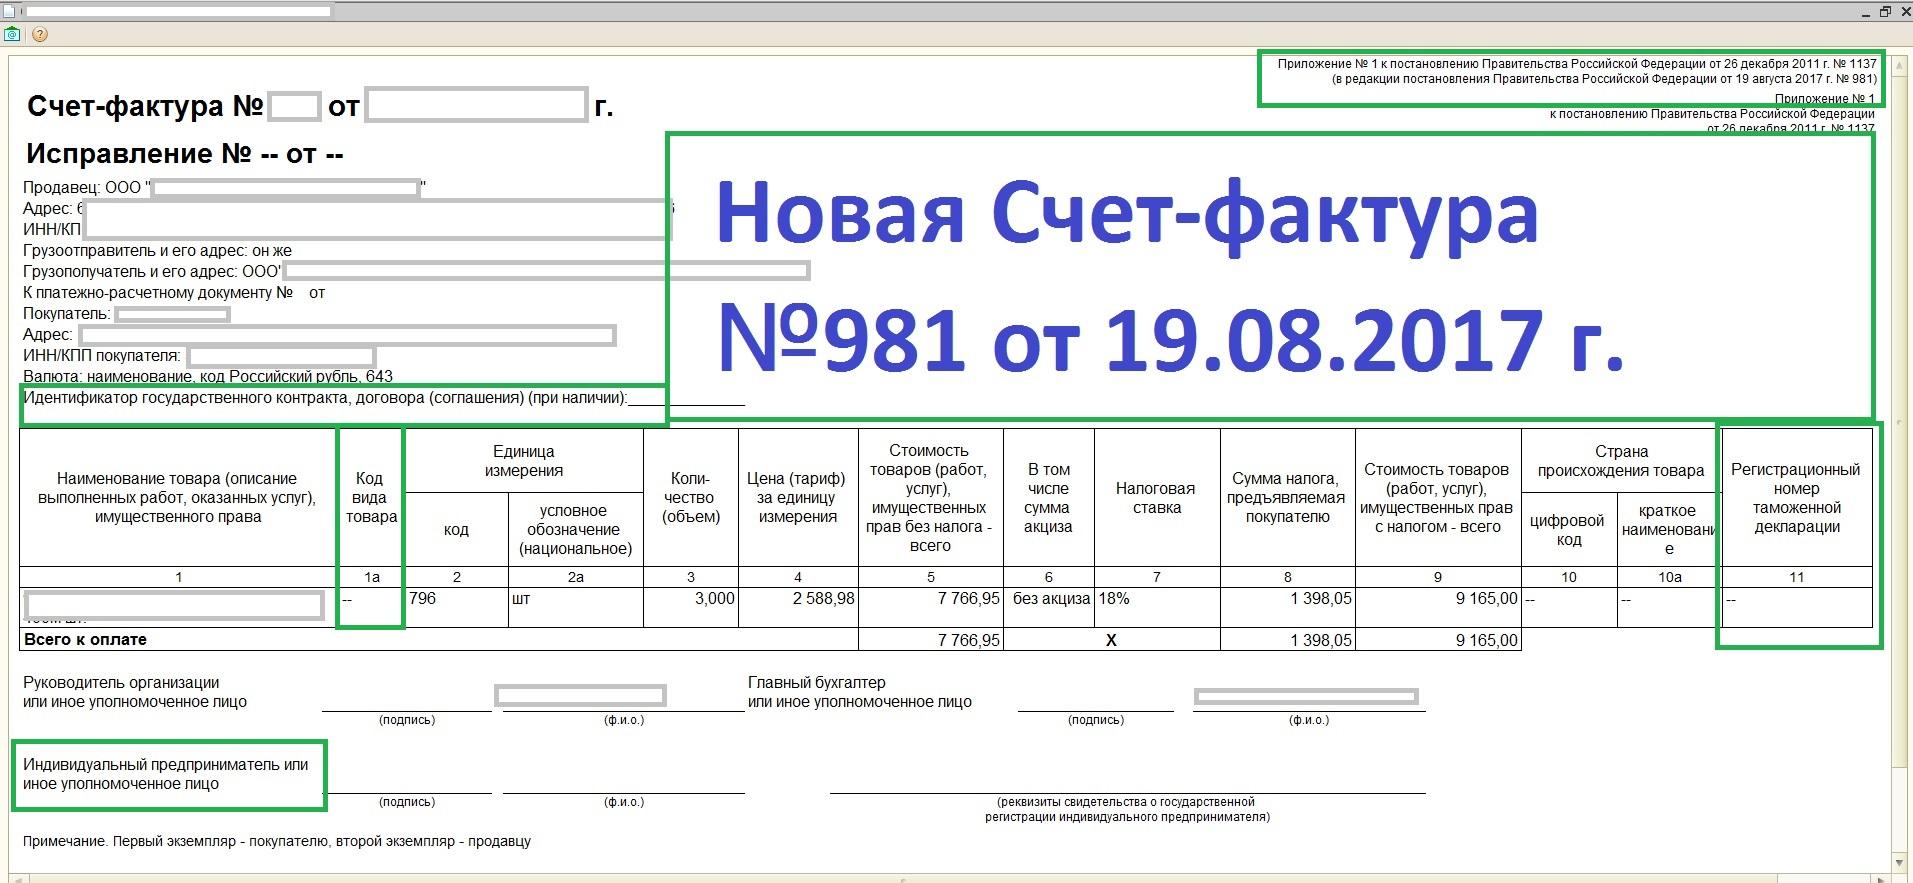 Постановление минтранса о перездаче экзаменов на права пдд